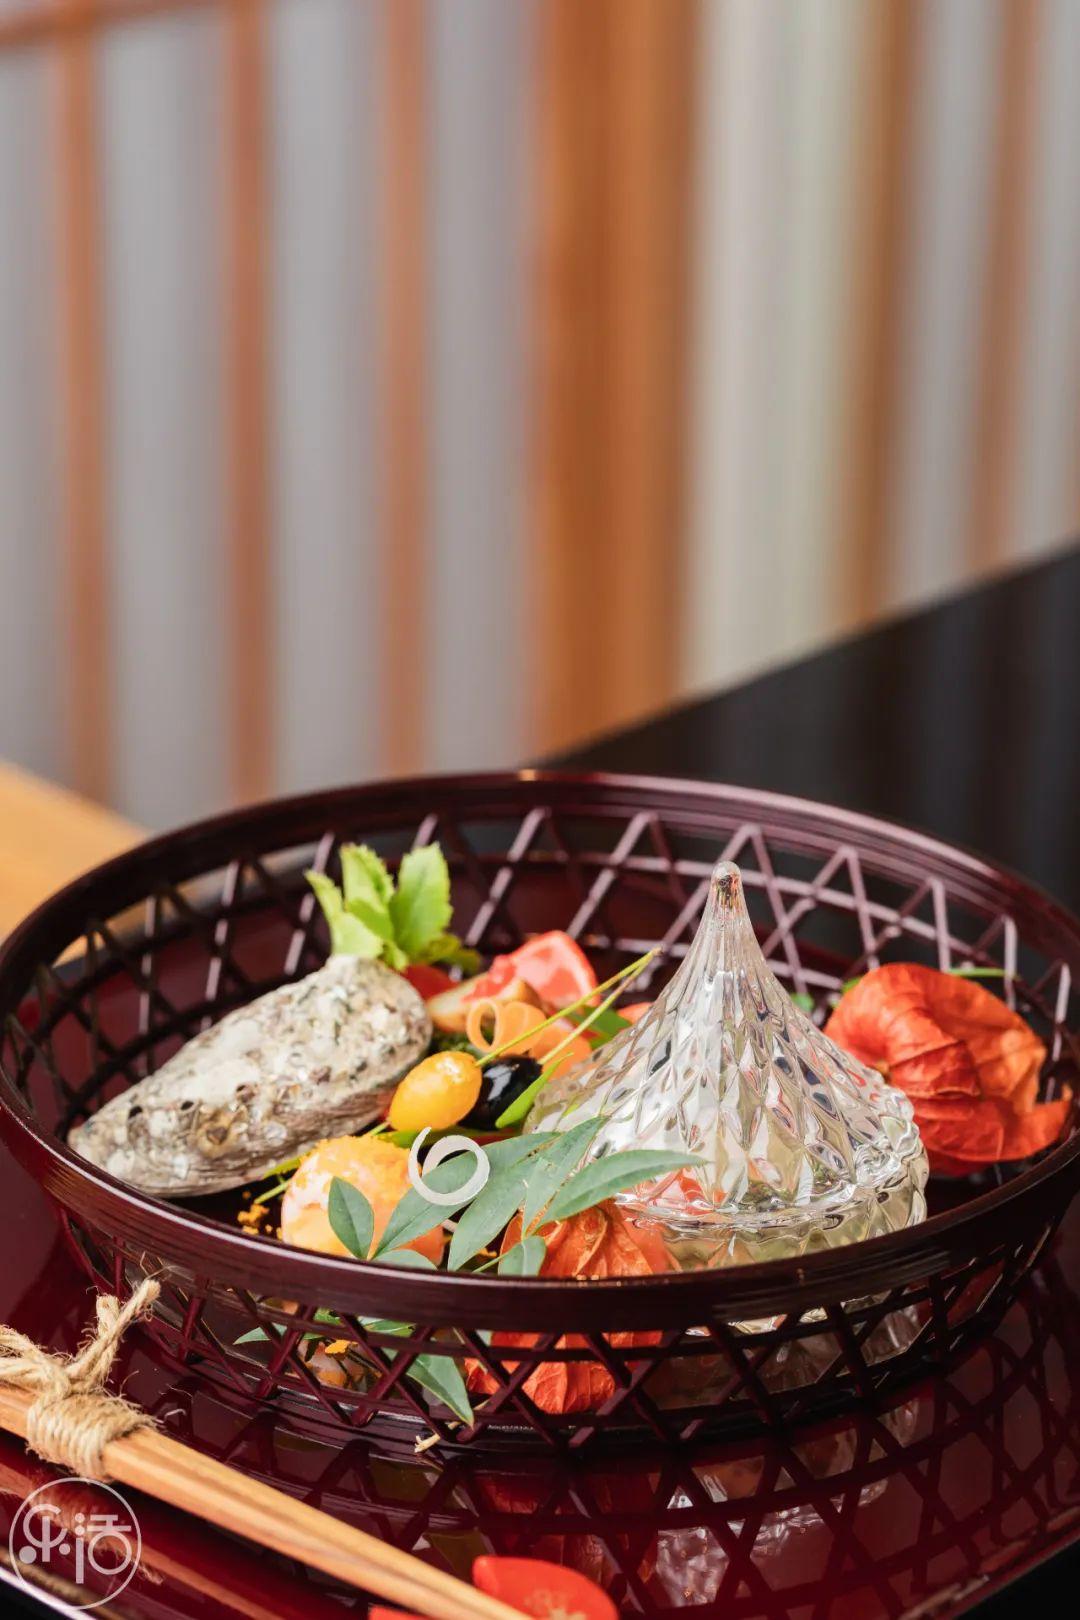 全杭州Zui大的会席料理店来袭!人均600元就能体验到的Top级日料,来自日本饮食文化的上等名流之选!(图29)